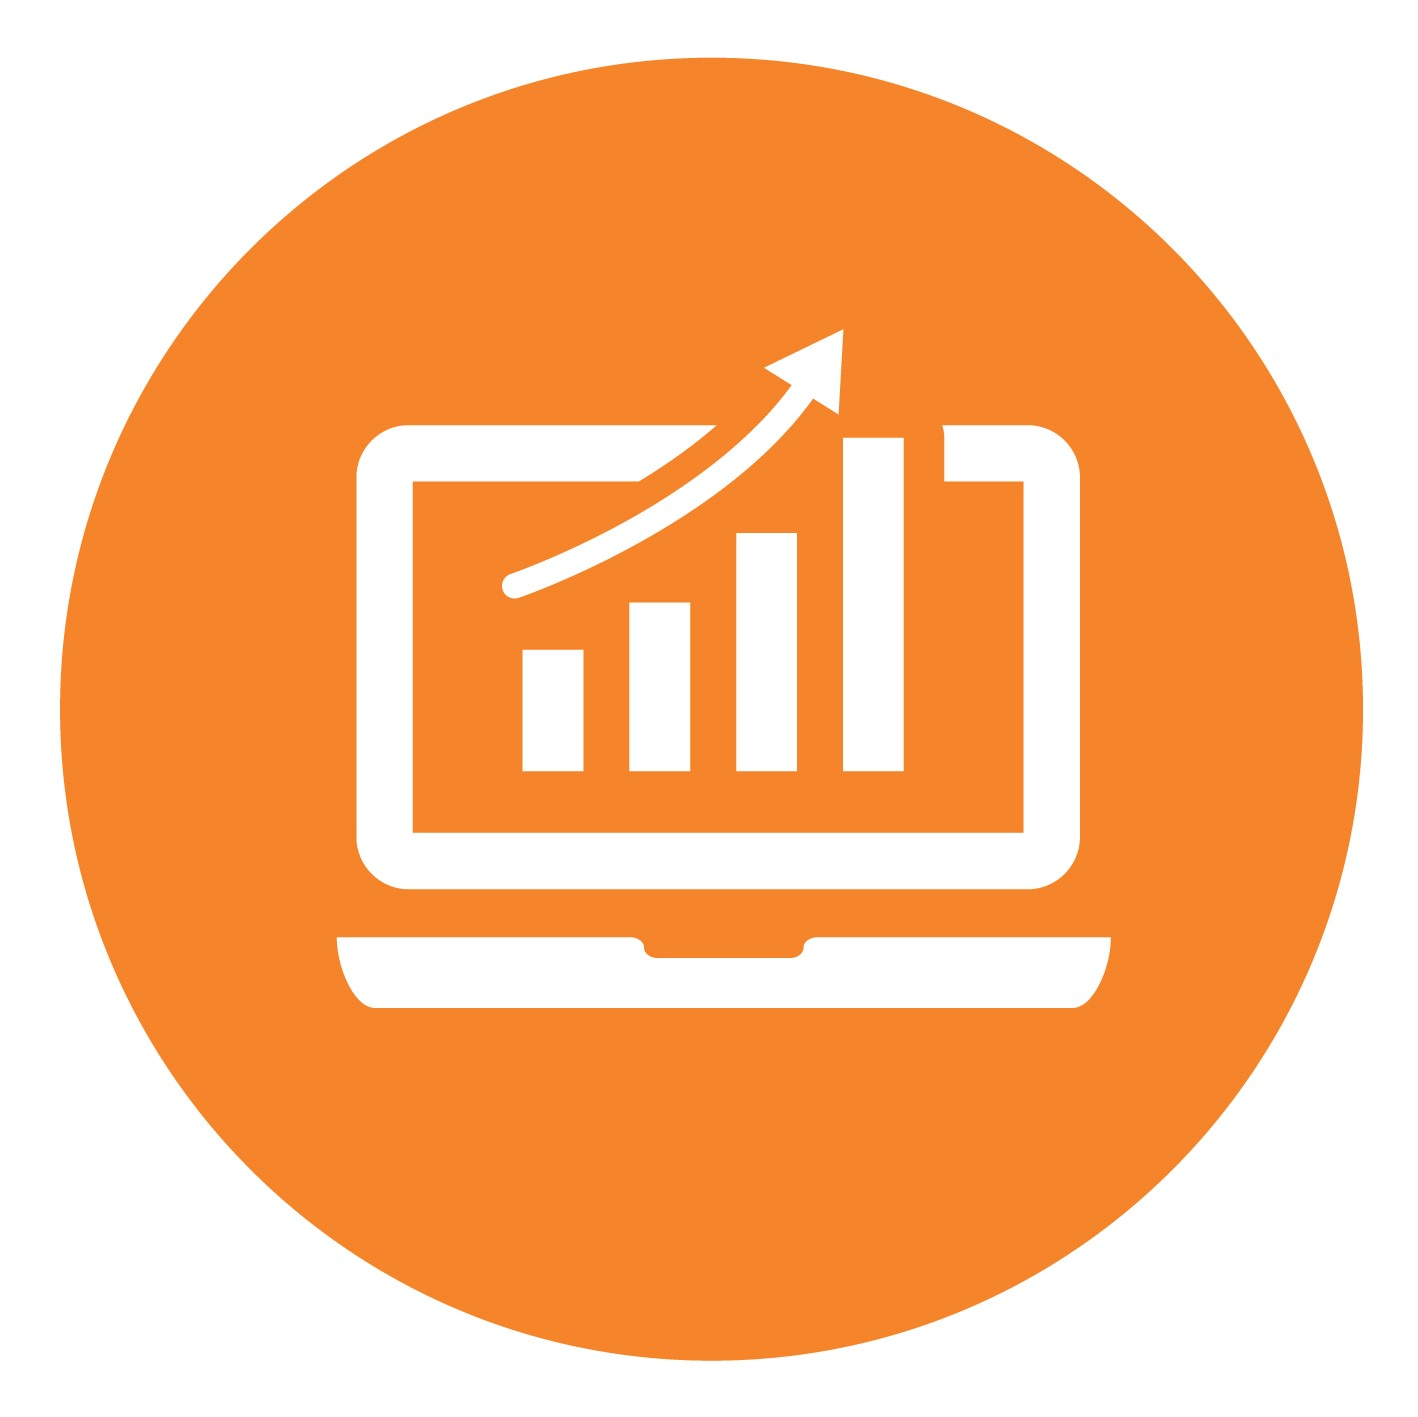 Inbound-marketing-growth-ROI.jpg